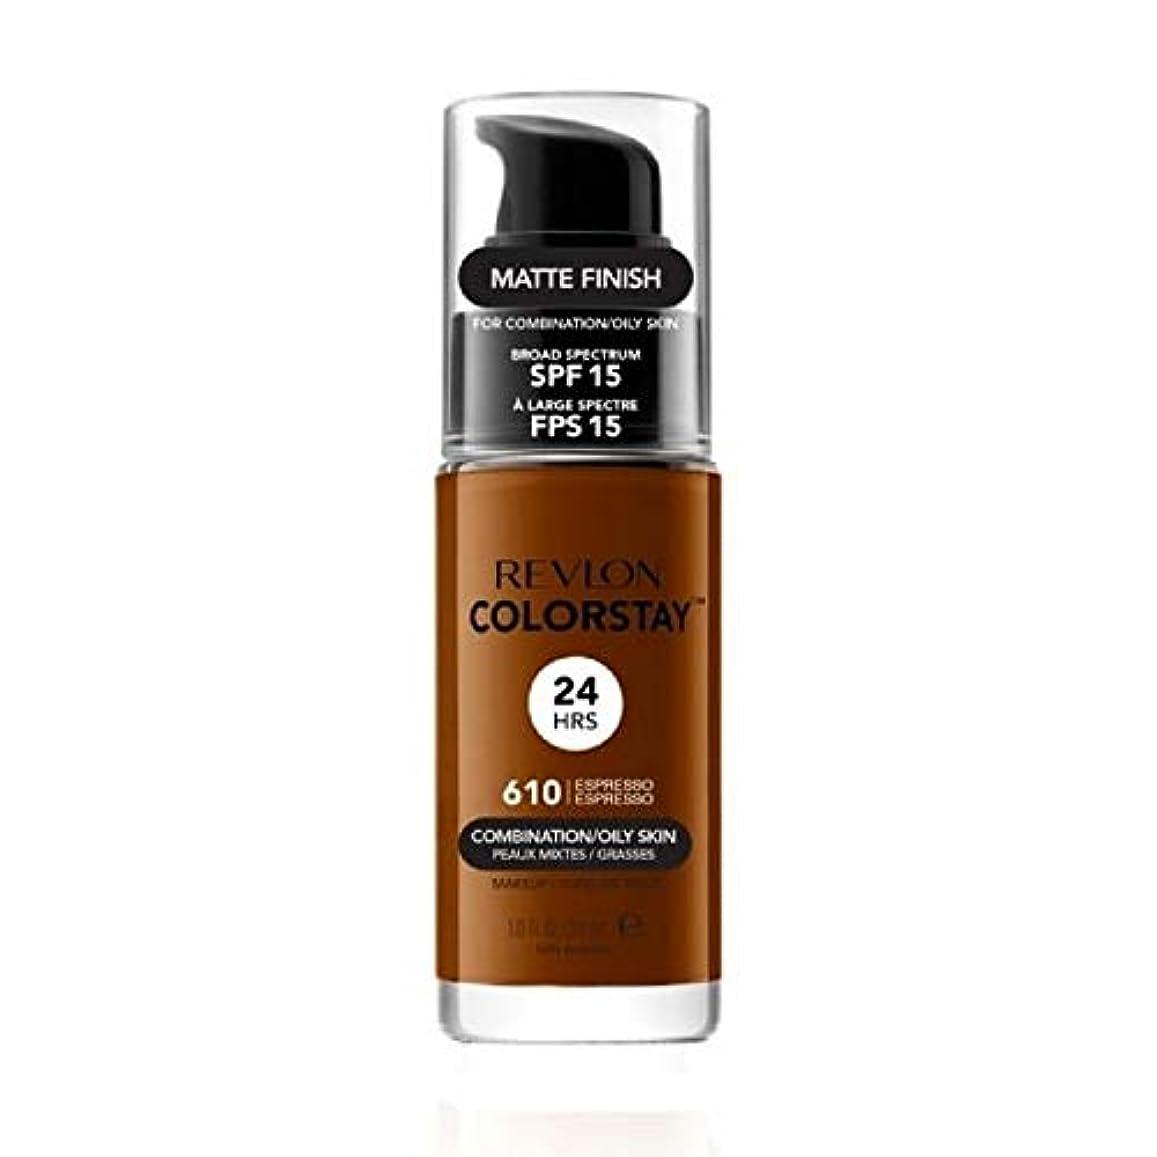 小石保持ソフィー[Revlon ] レブロンColorstayの基盤コンビオイリー肌の30ミリリットルのエスプレッソ - Revlon Colorstay Foundation Combi Oily skin 30ml Espresso...